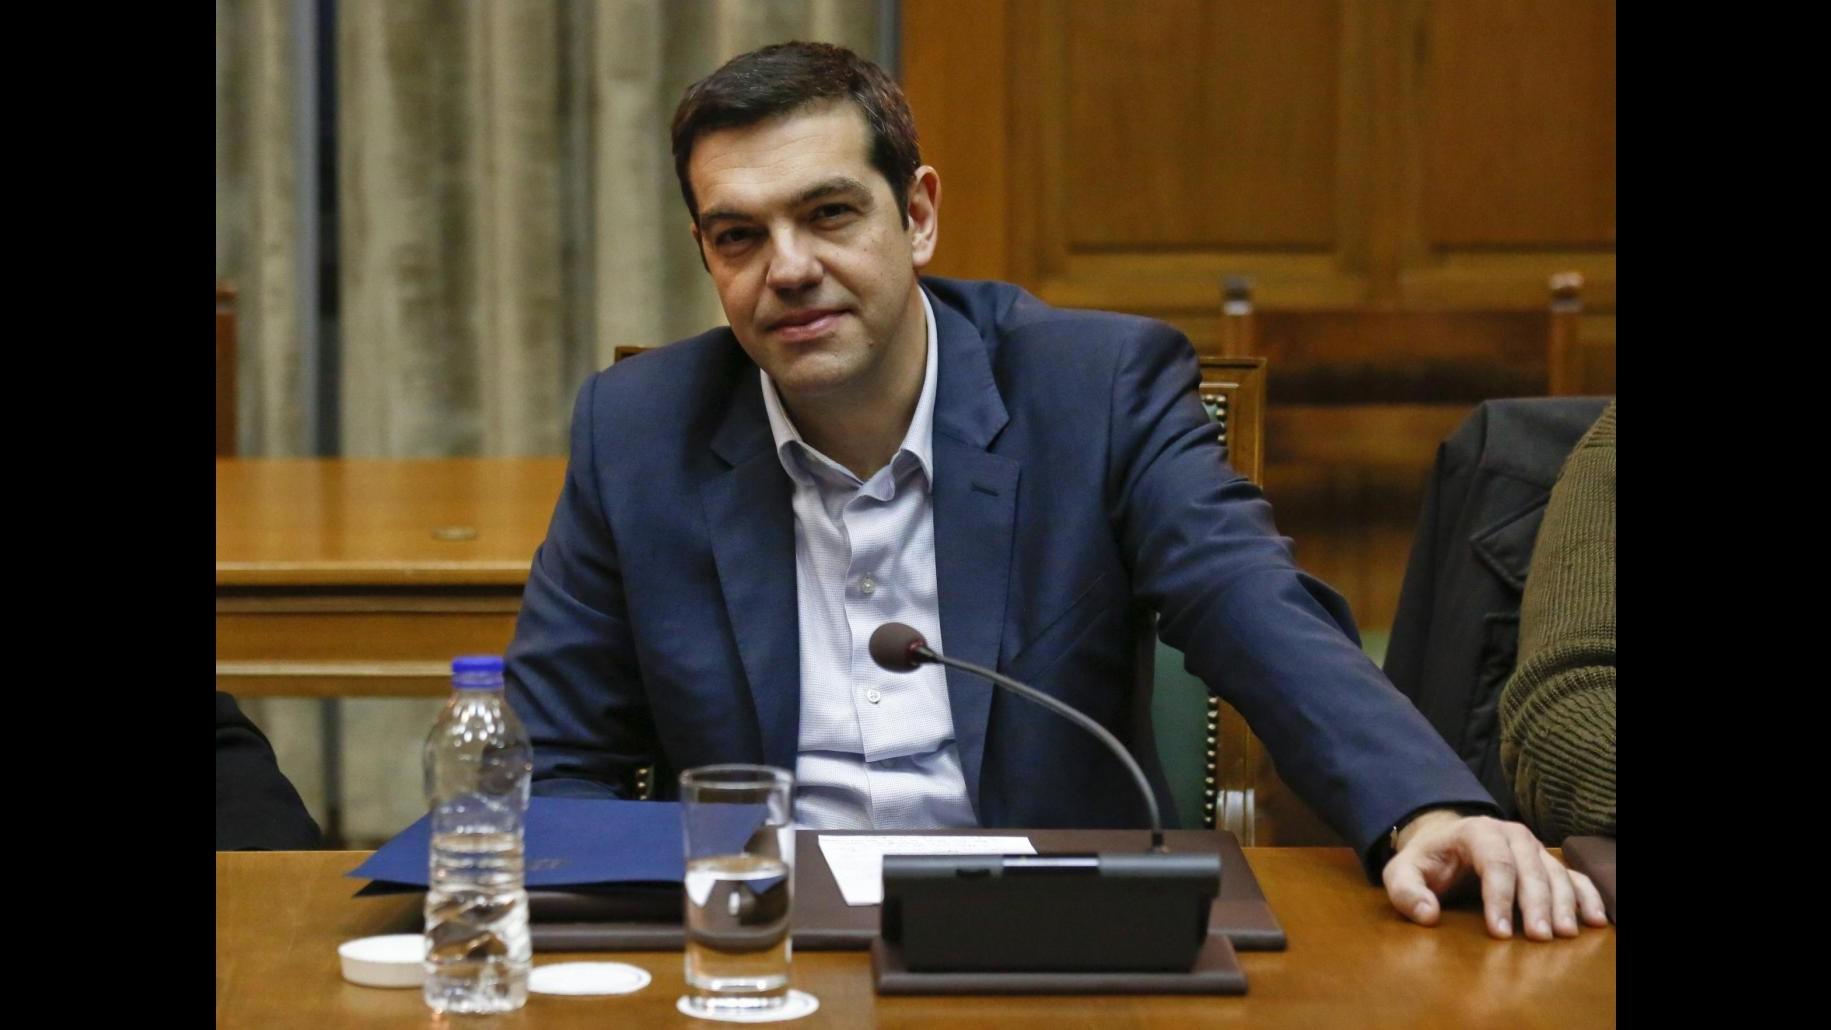 Grecia presenterà domani all'Ue la lista delle misure sul prestito